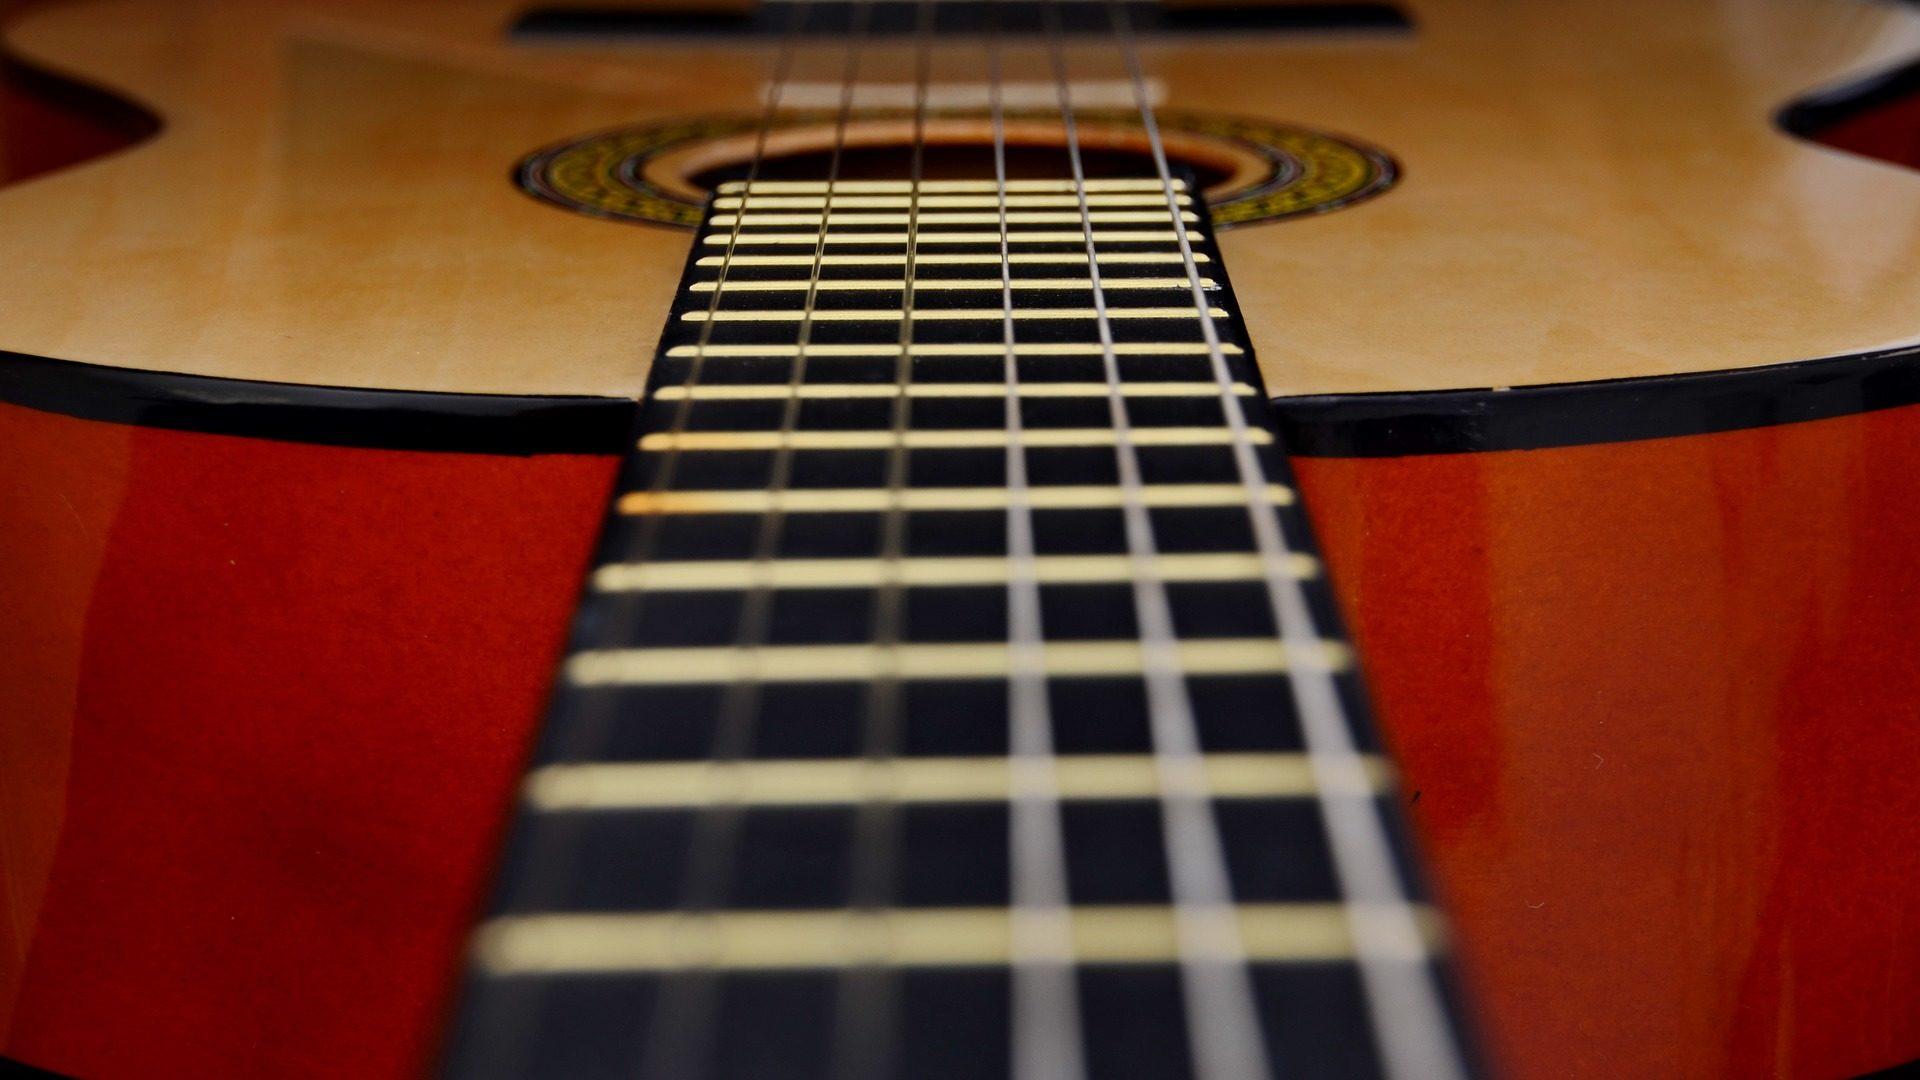 guitarra, mástil, cuerdas, instrumento, notas - Fondos de Pantalla HD - professor-falken.com